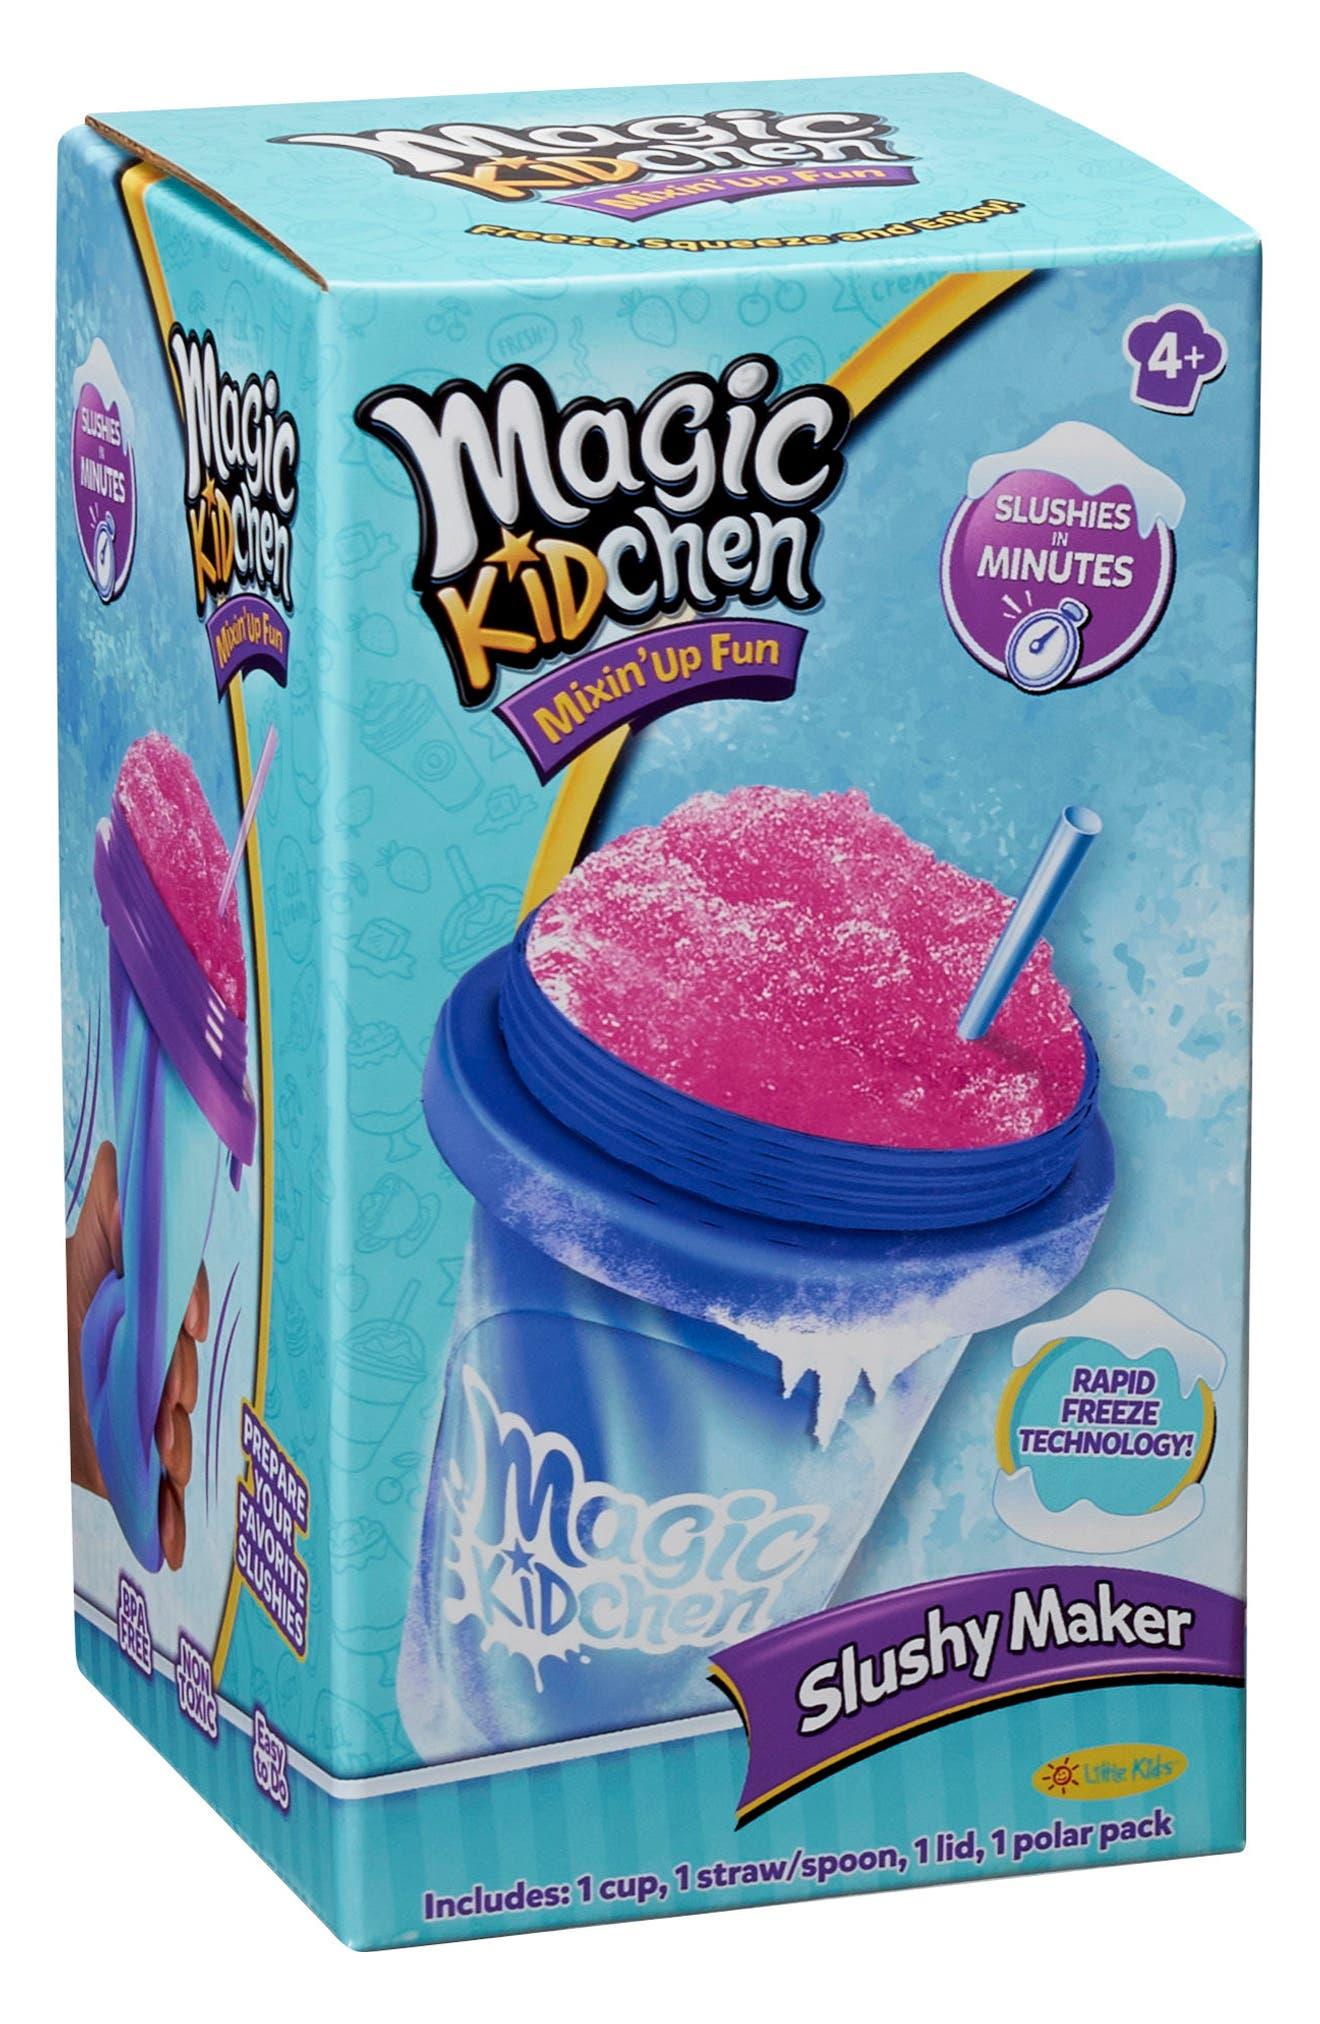 Magic Kidchen Slushy Maker,                             Main thumbnail 1, color,                             Multi